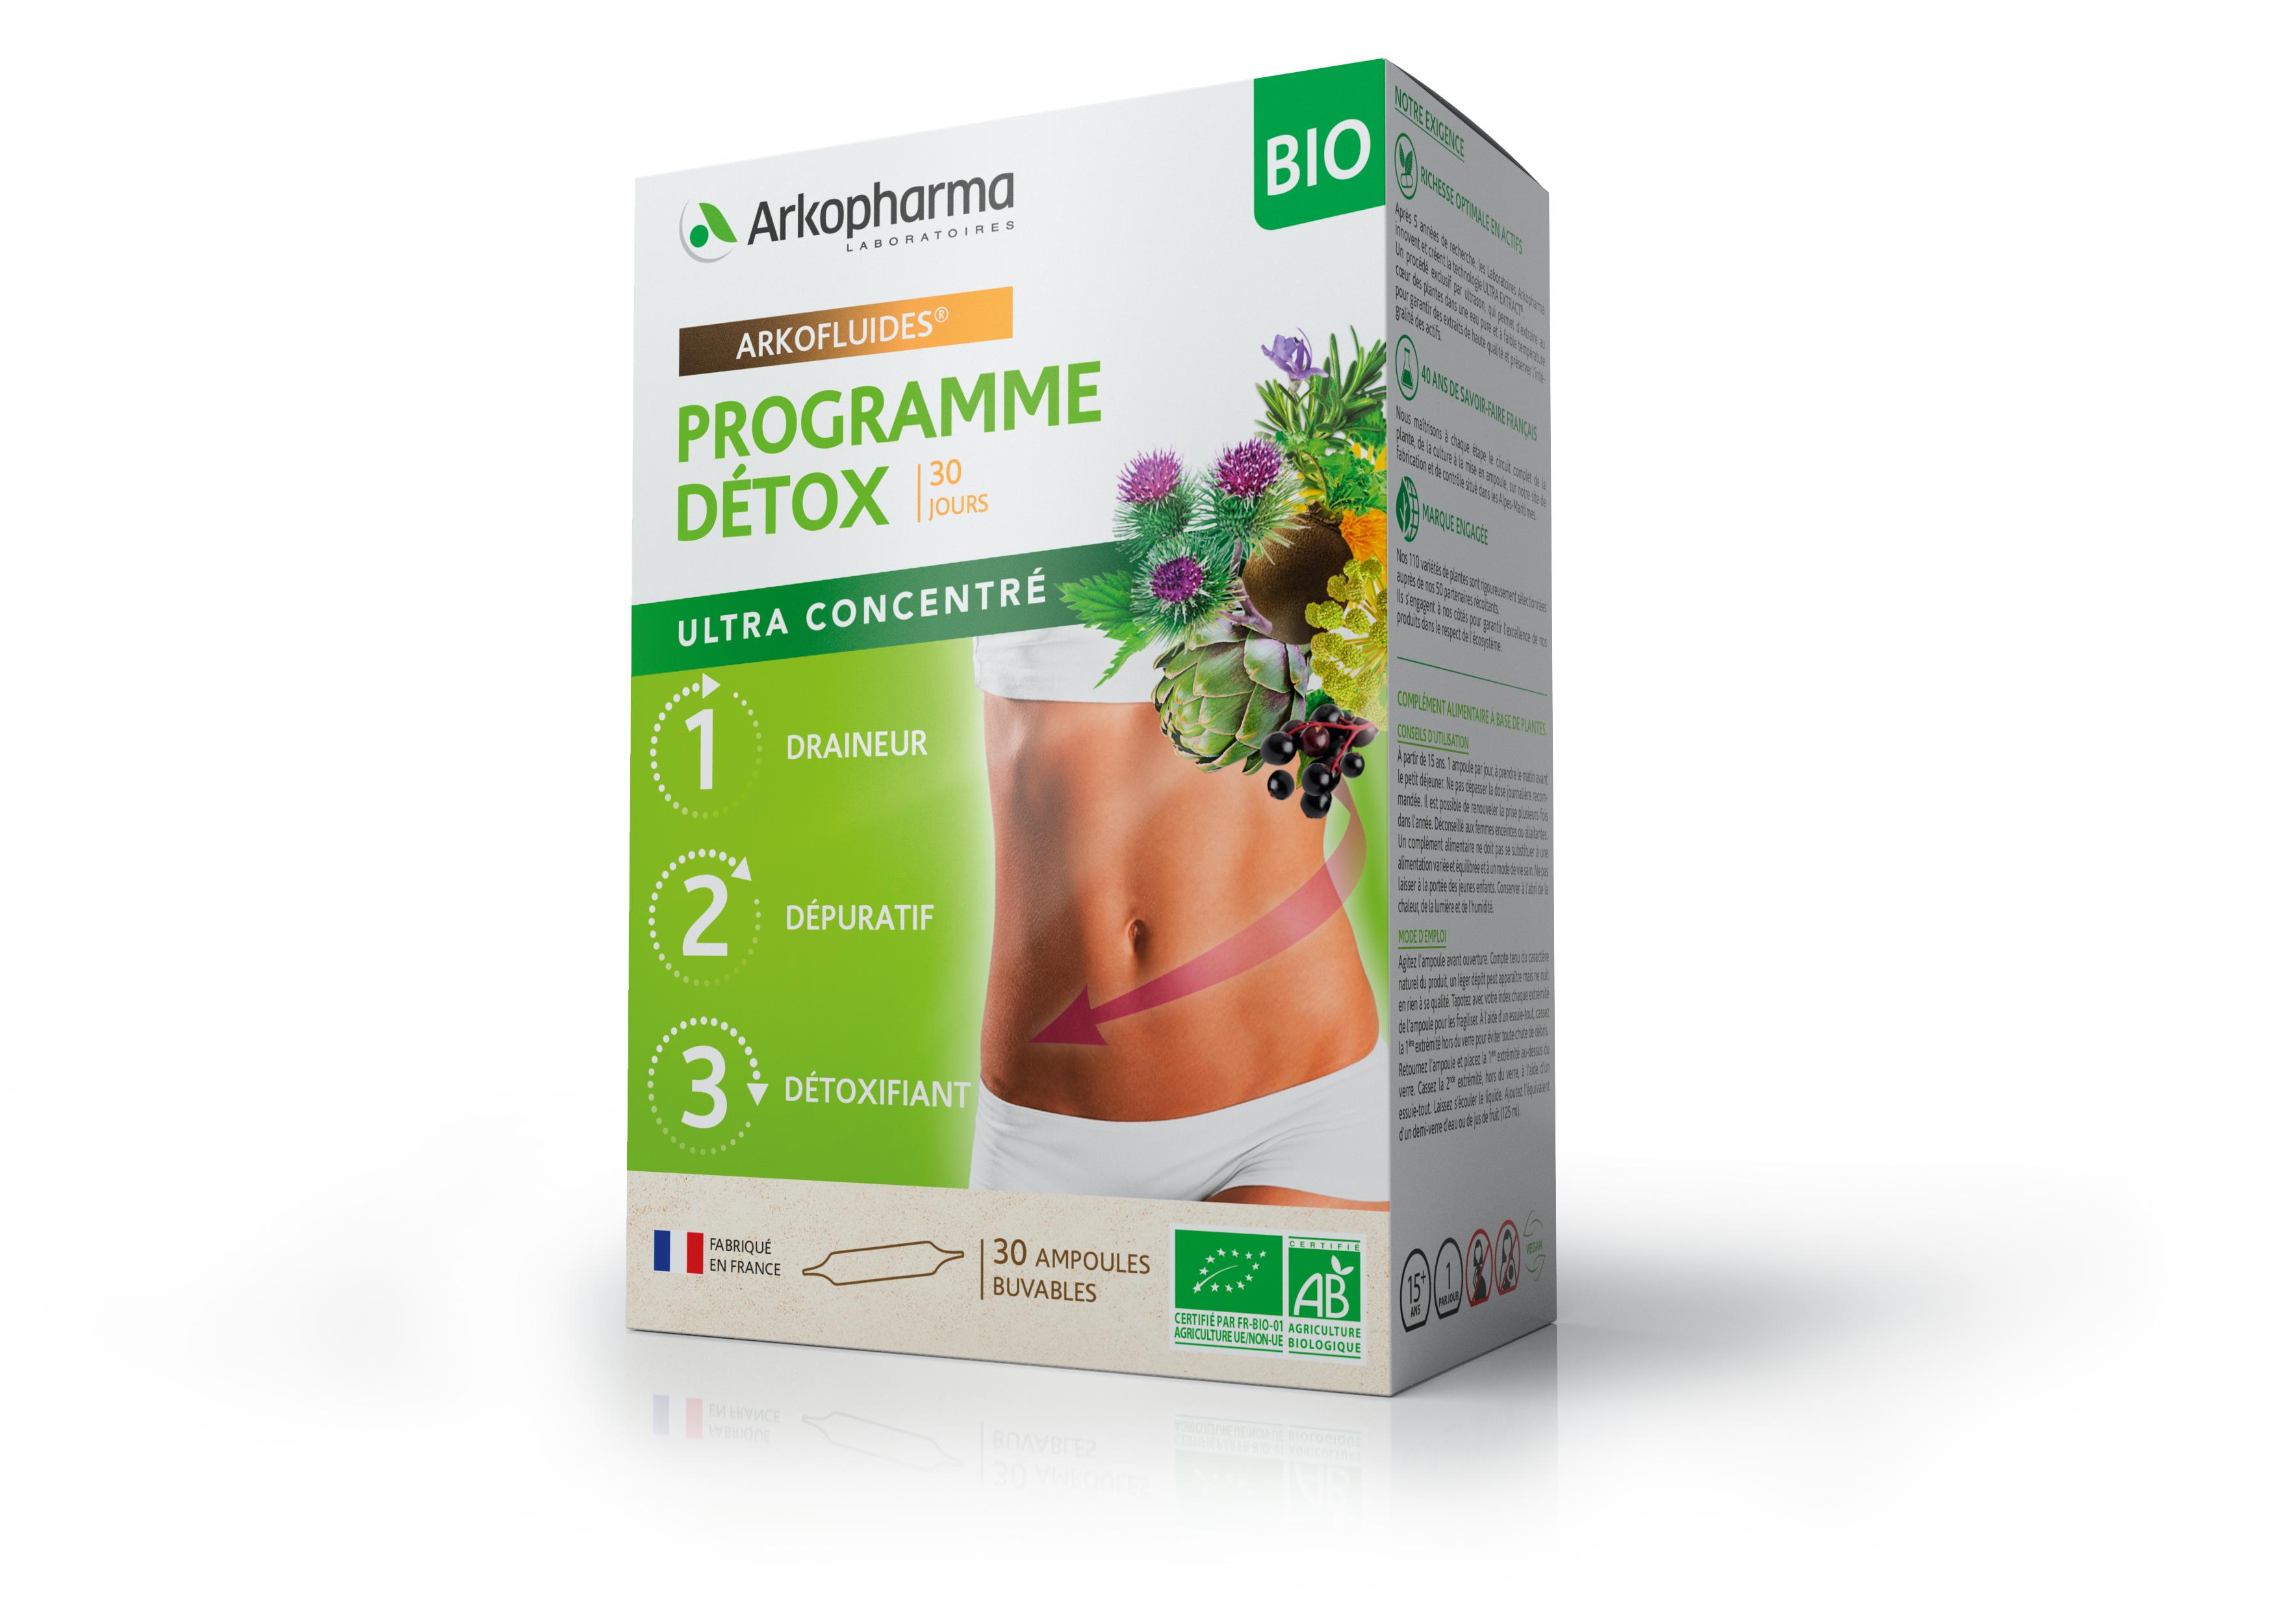 არკოფლუიდი დეტოქს პროგრამა / Arkofluides Detox Programme